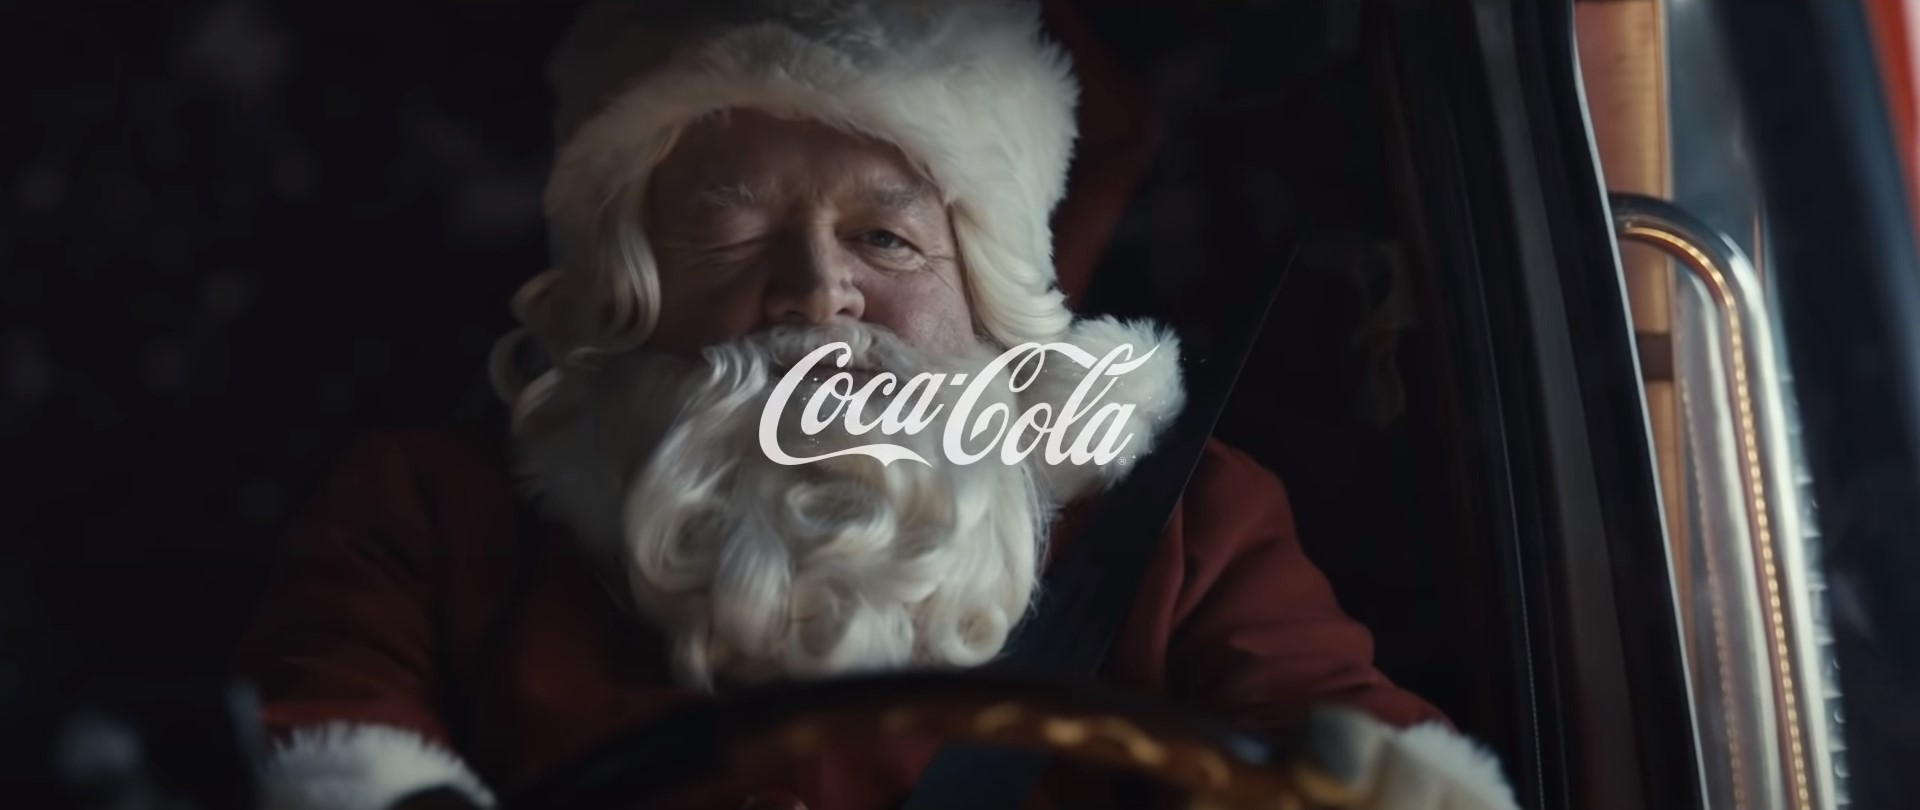 Božićna poruka Coca-Cole